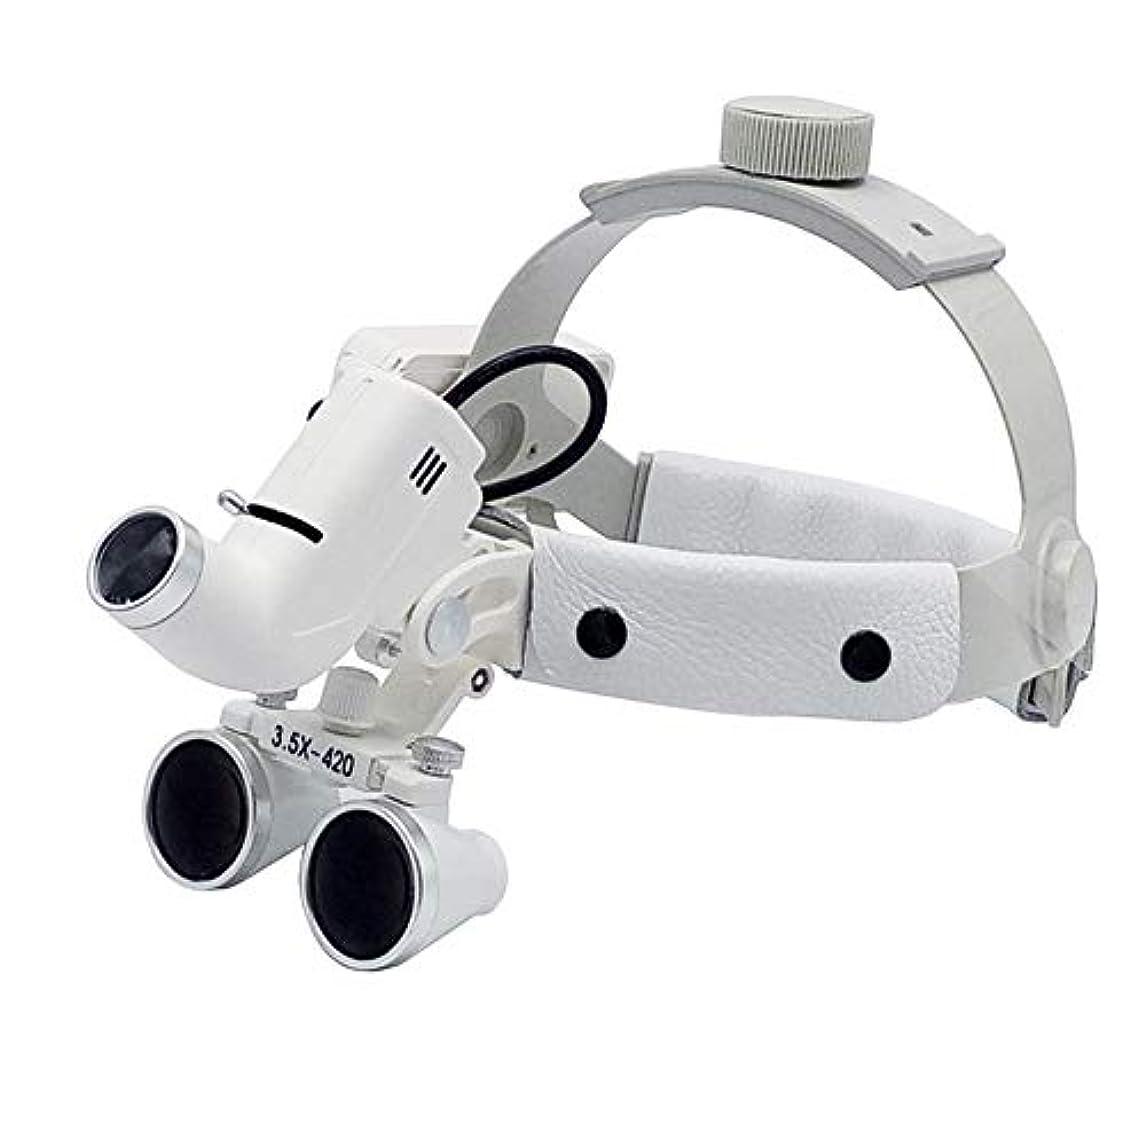 若者止まる裏切り者LED外科ヘッドライト3.5X420mmレザーヘッドバンド双眼ルーペメガネヘッドバンド拡大鏡高輝度ランプ